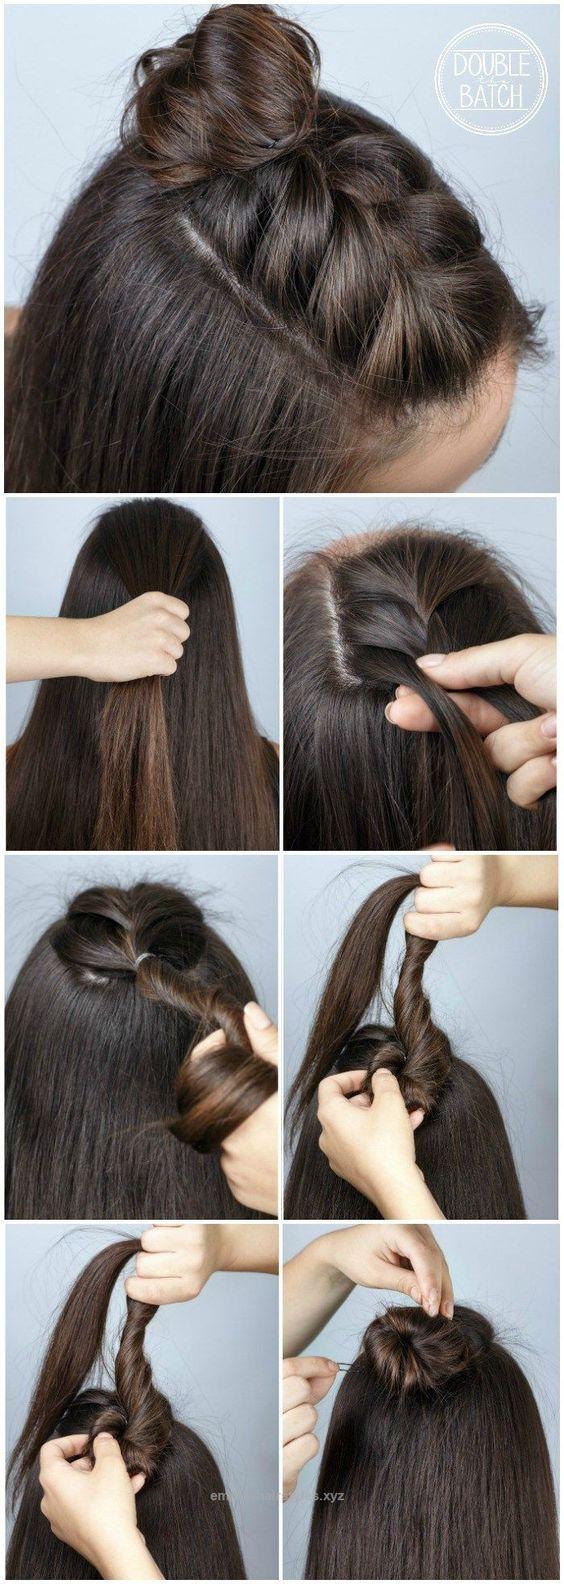 DIY Half Braid Frisur Tutorial, so eine einfache und schnelle Haaridee für Mädchen